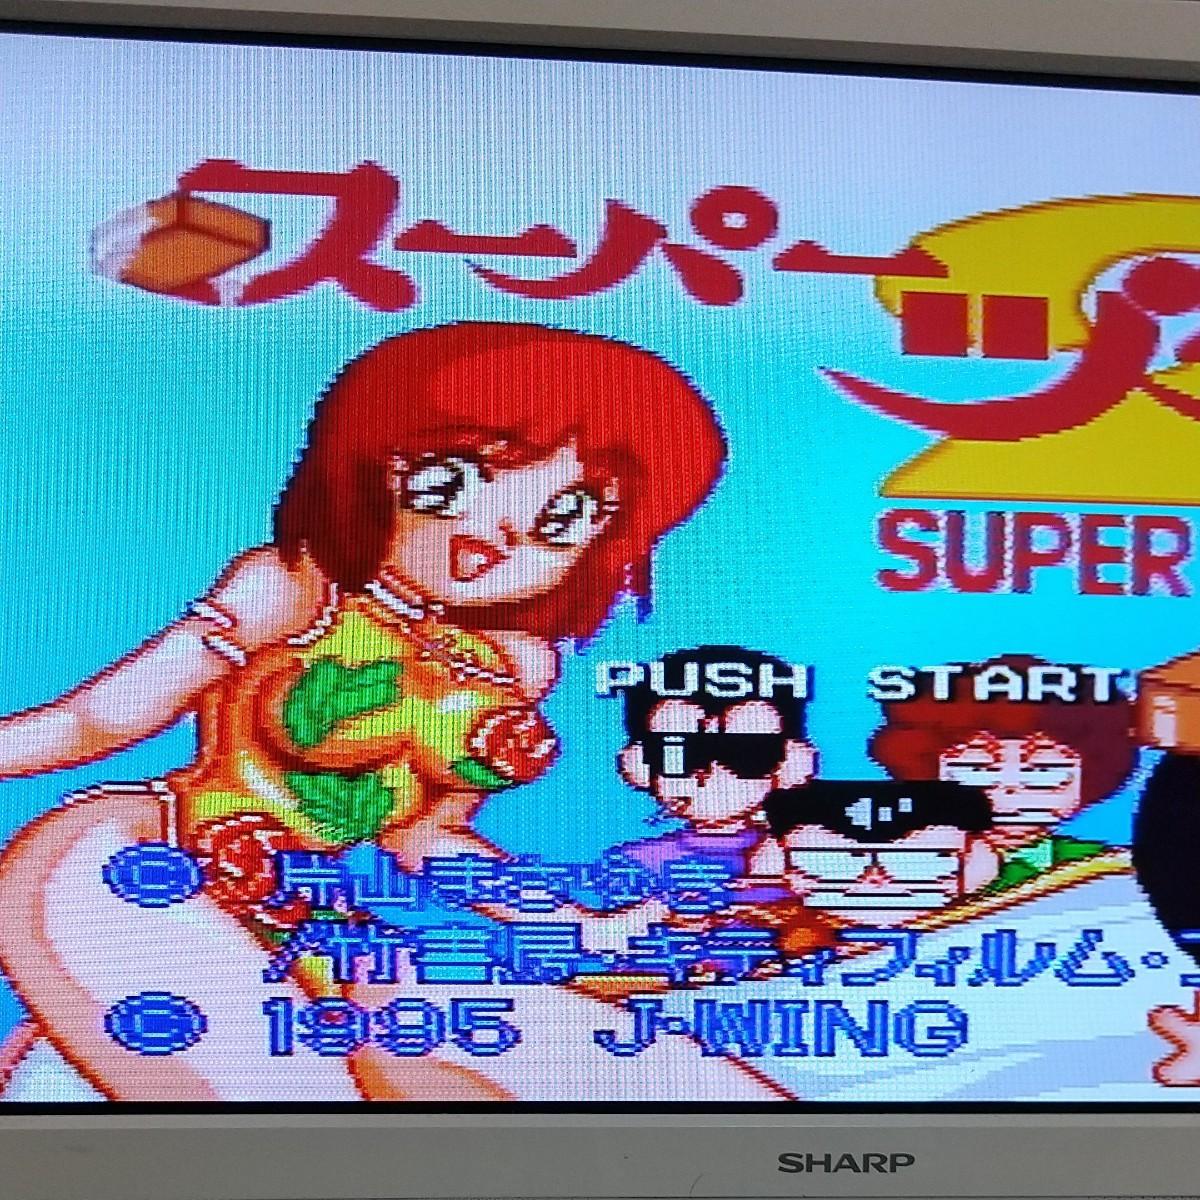 スーパーファミコンソフト スーパーヅガン1.2 ぎゅわんぶらあ自己中心派1.2 4本セット